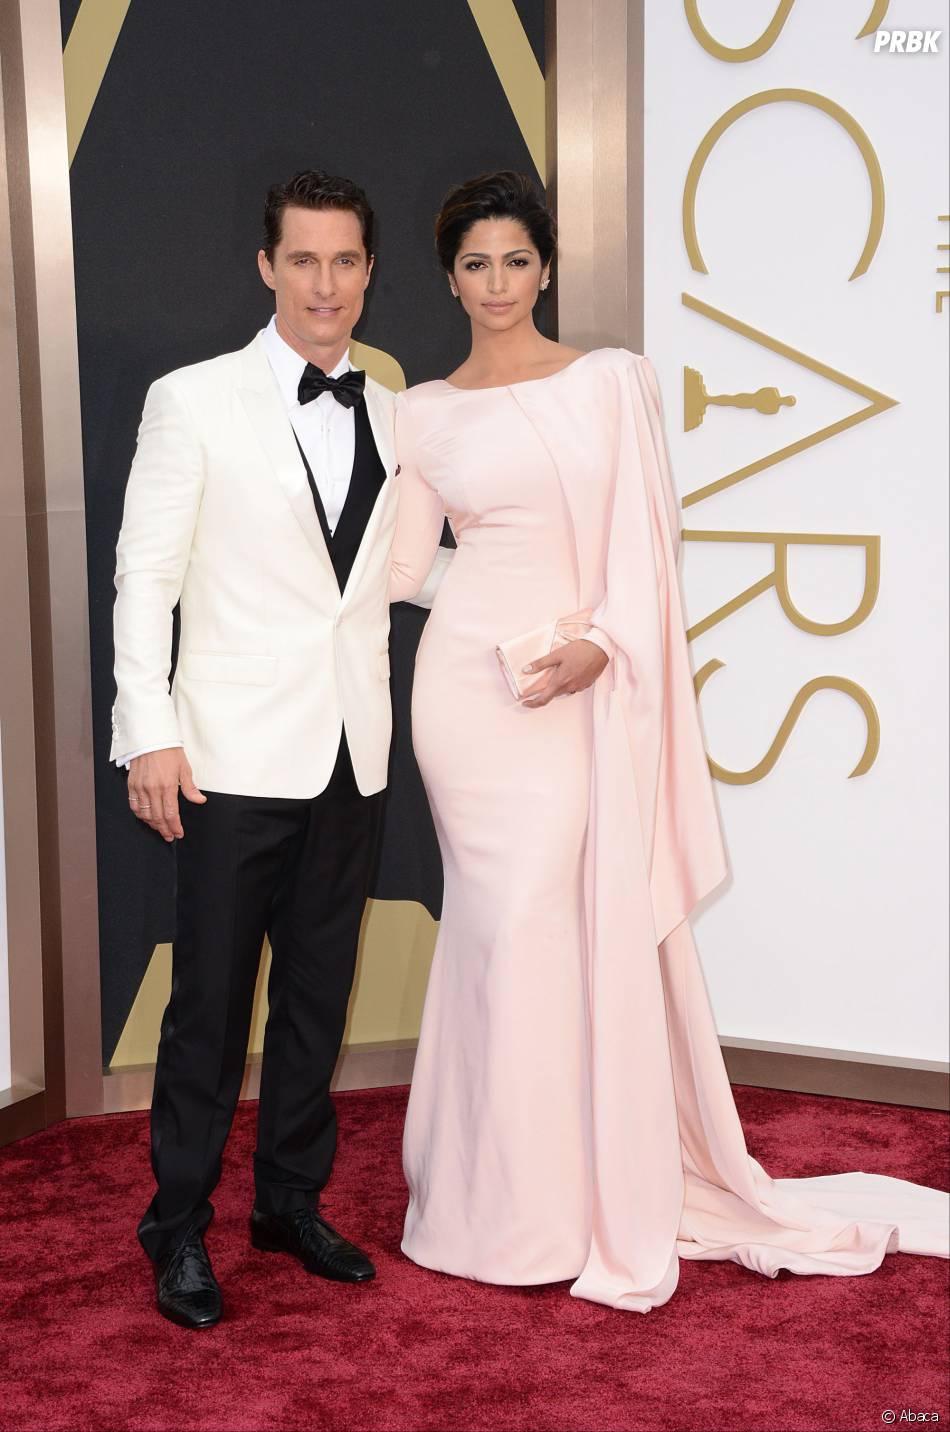 Matthew McConaughey et Camilla Alves sur le tapis-rouge des Oscars le 2 mars 2014